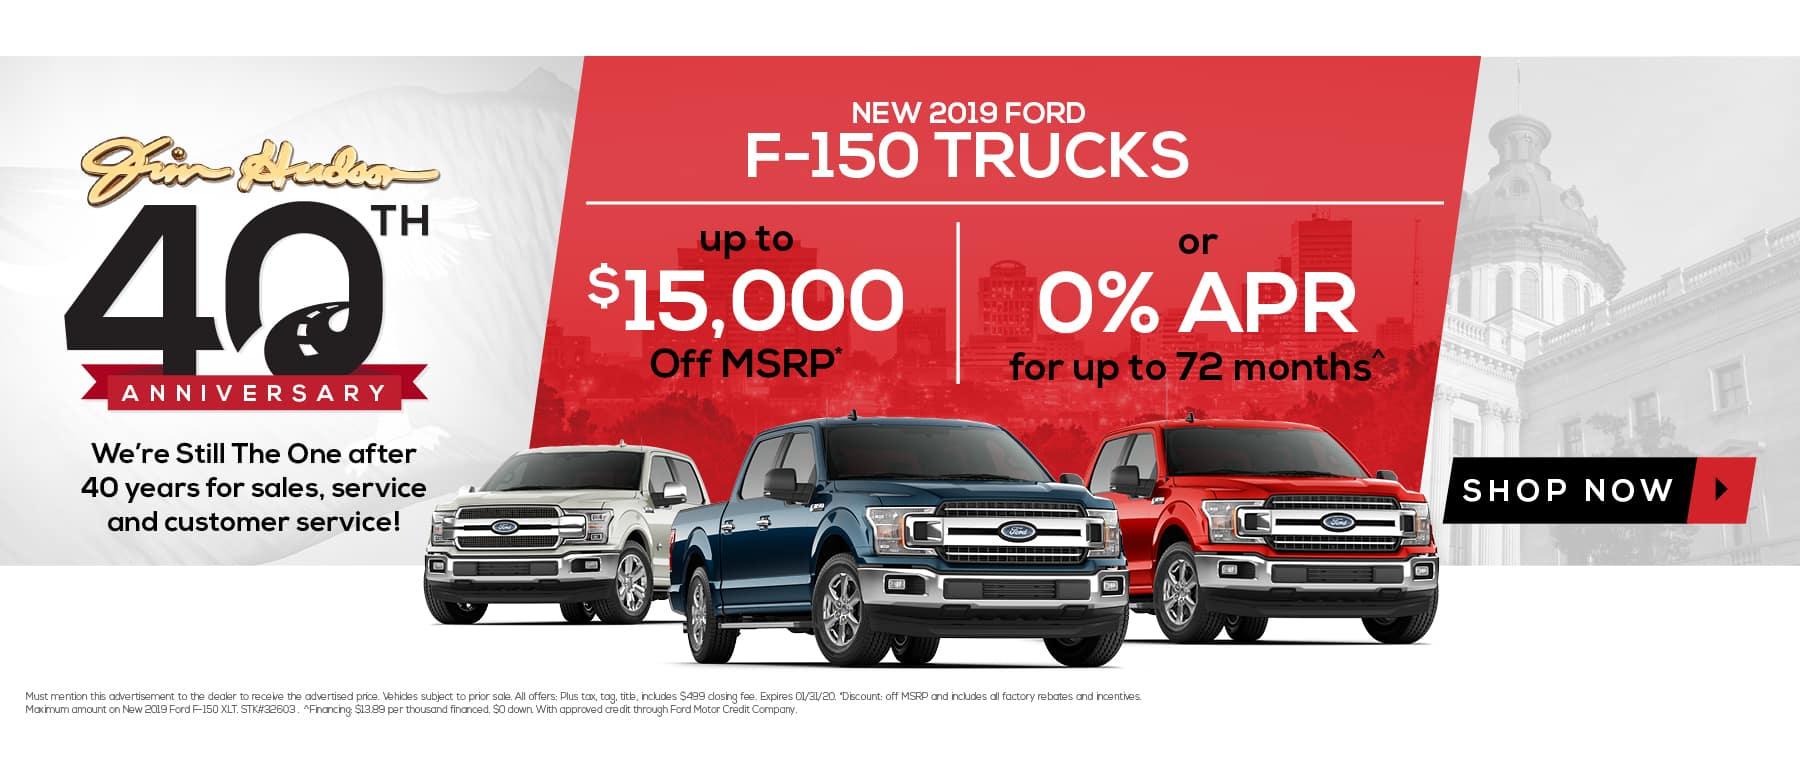 New 2019 Ford F-150 Trucks